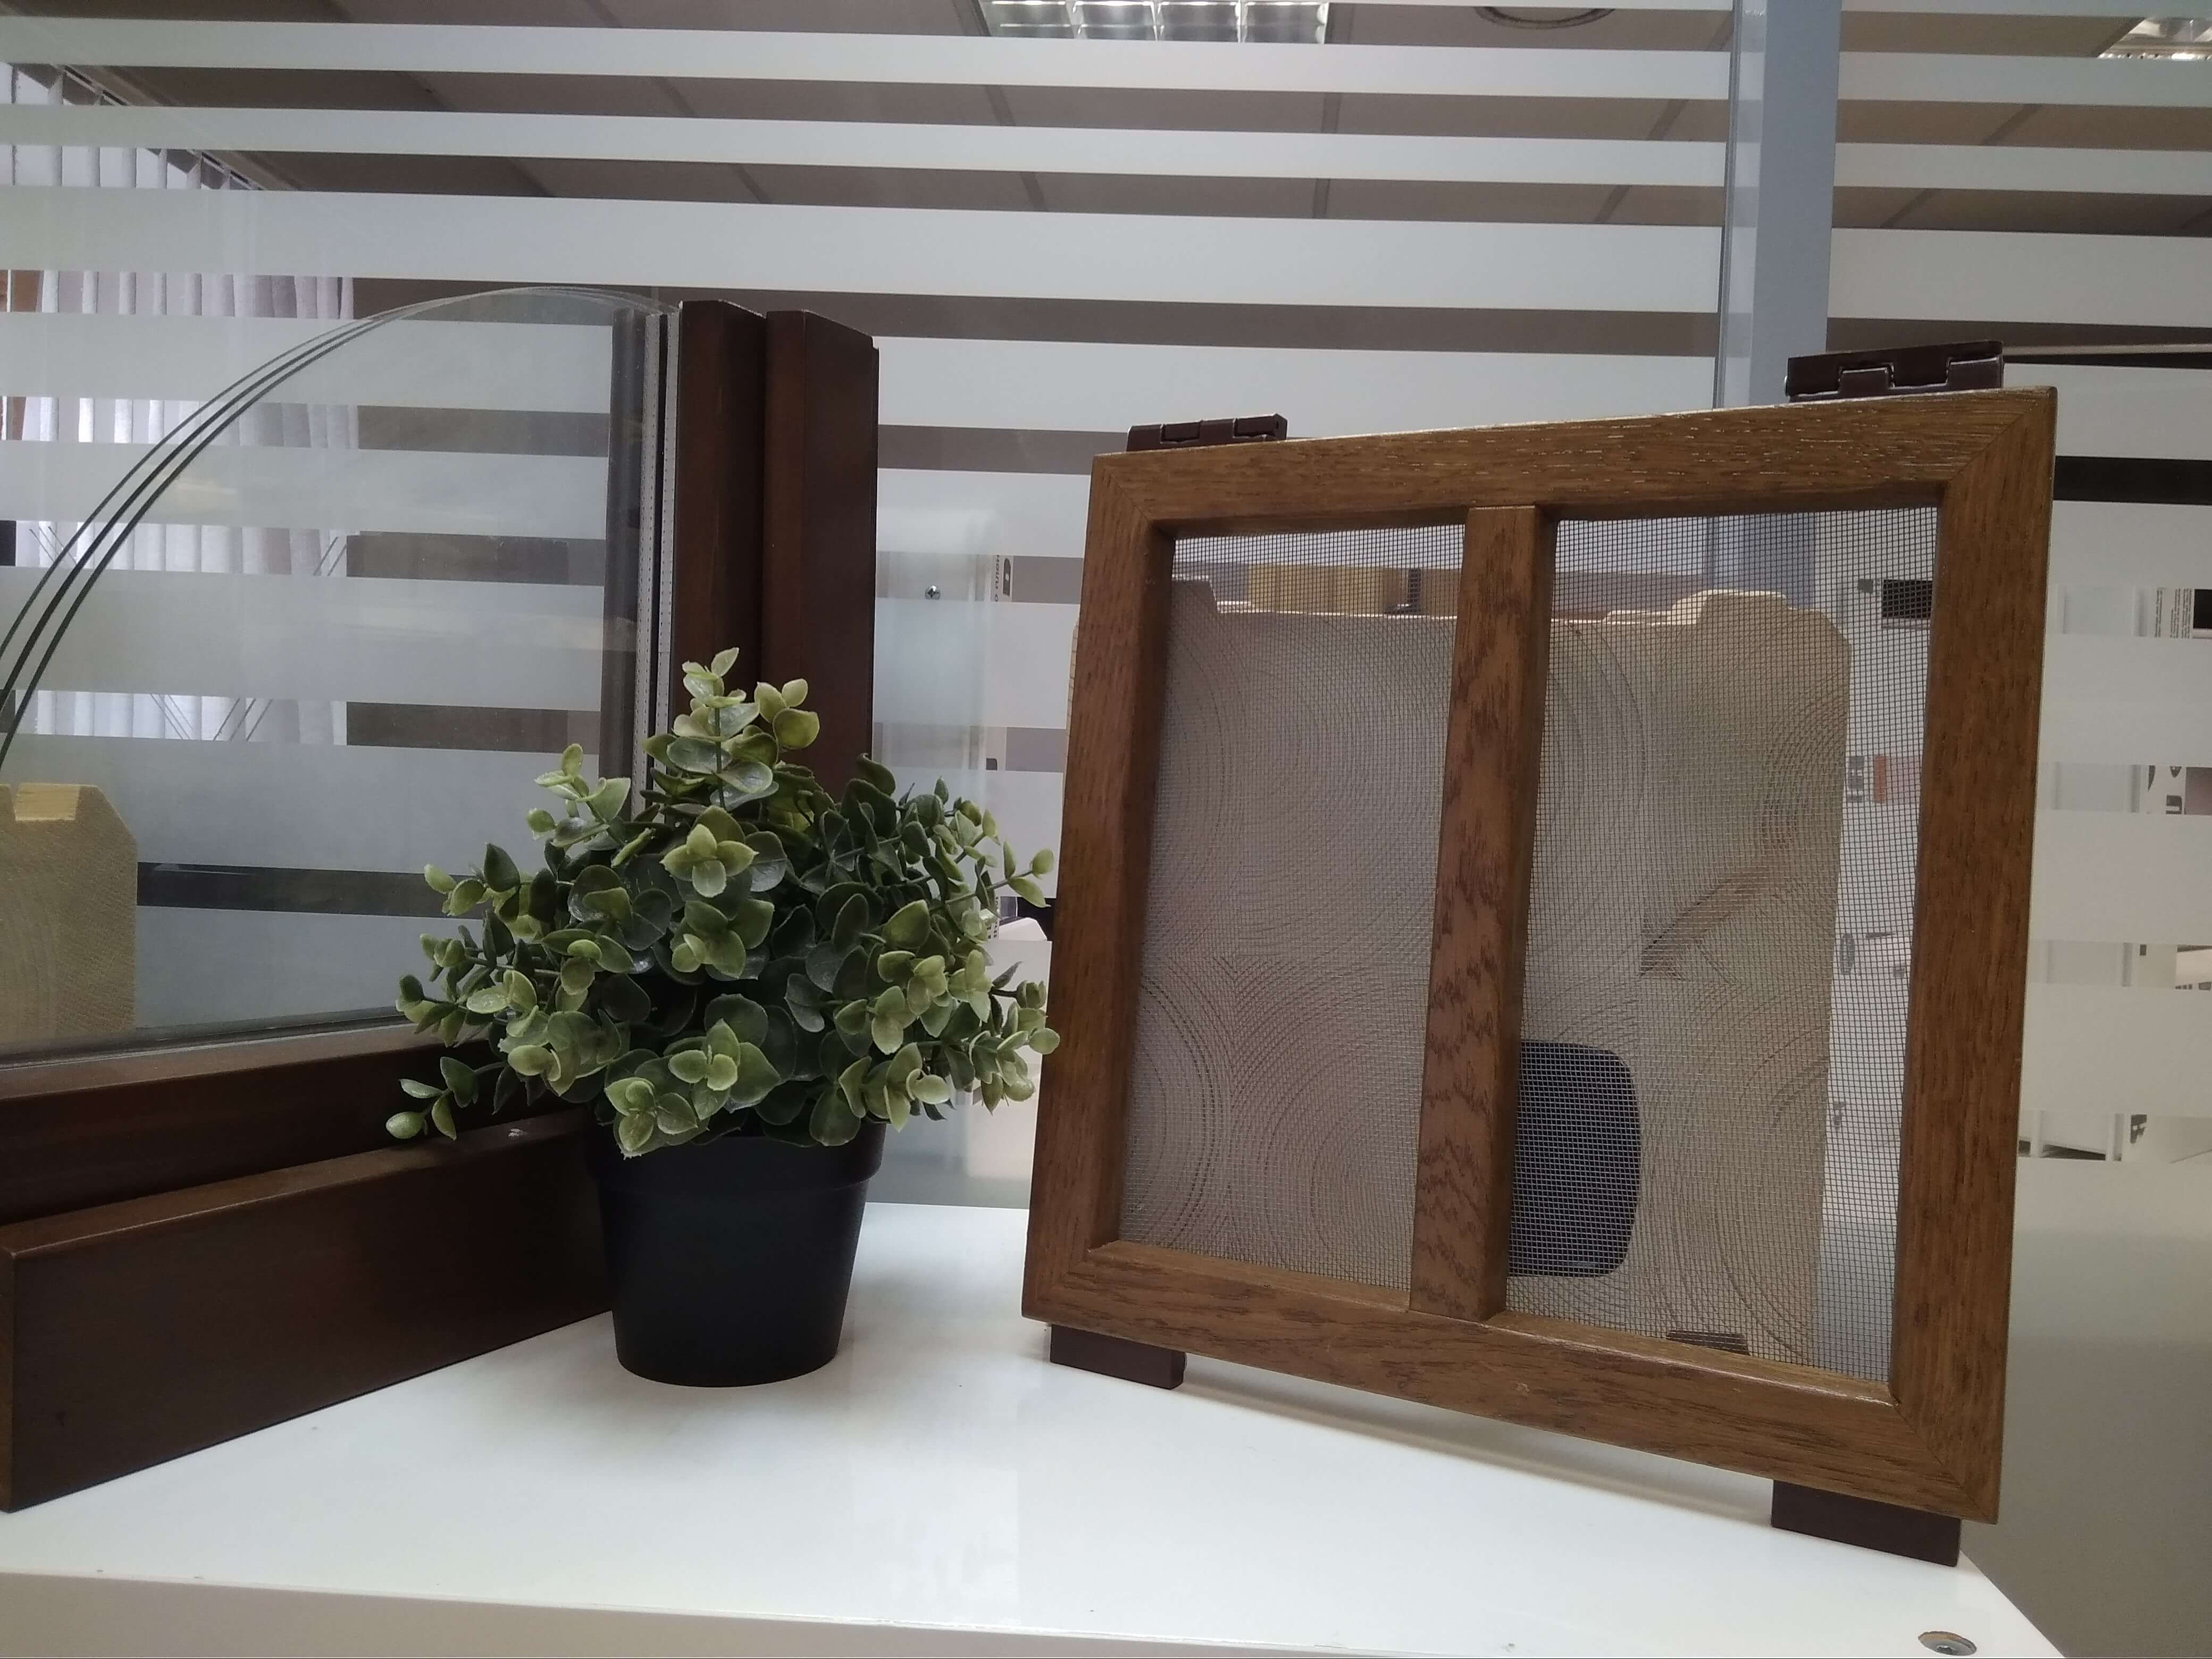 Москитная сетка разработанная Инвуд для окон из дерева собственного производства